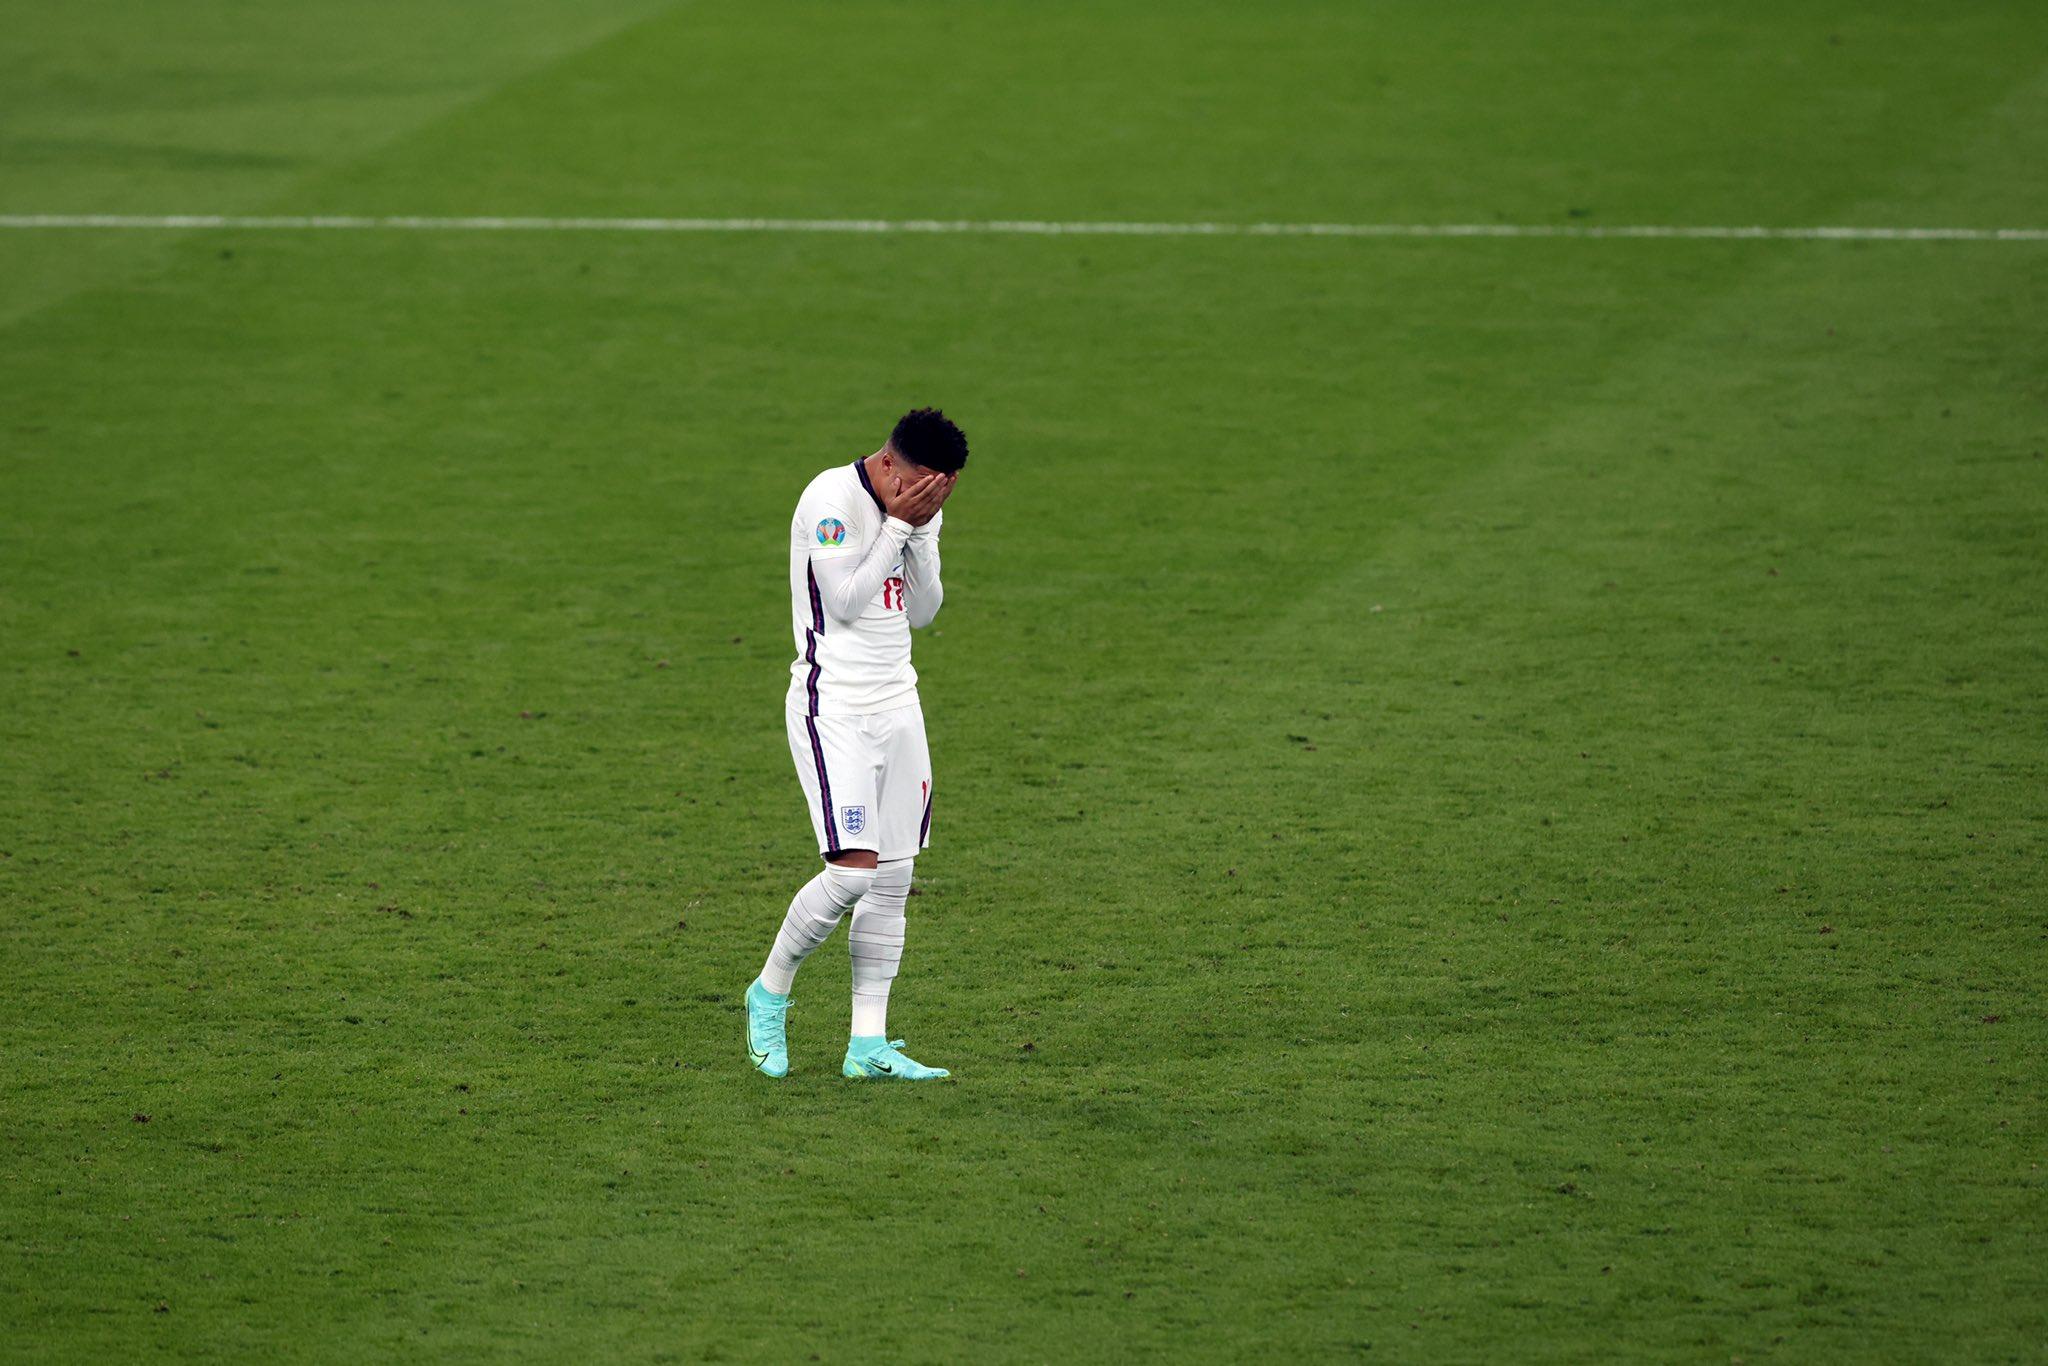 Tới lượt Sancho viết tâm thư sau sự cố ở EURO 2020 - Bóng Đá